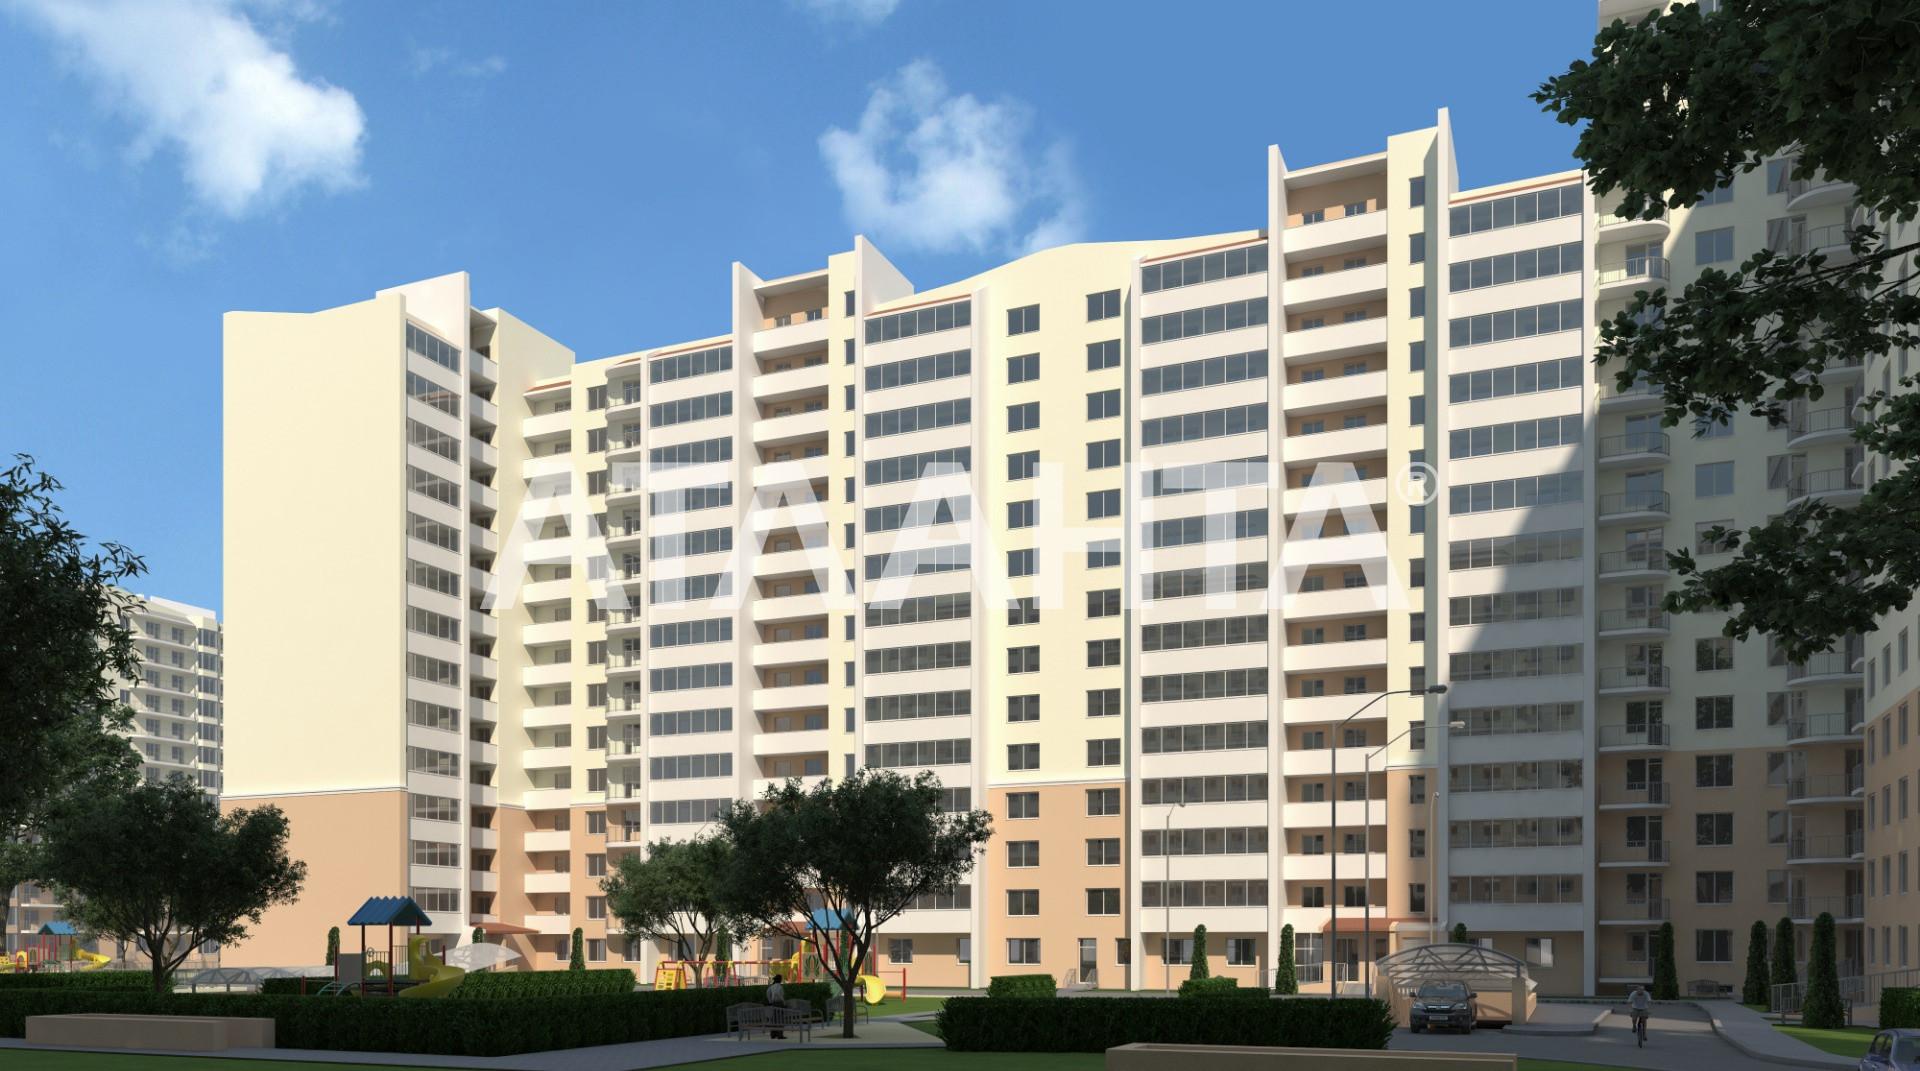 Продается 2-комнатная Квартира на ул. Костанди — 65 050 у.е. (фото №3)